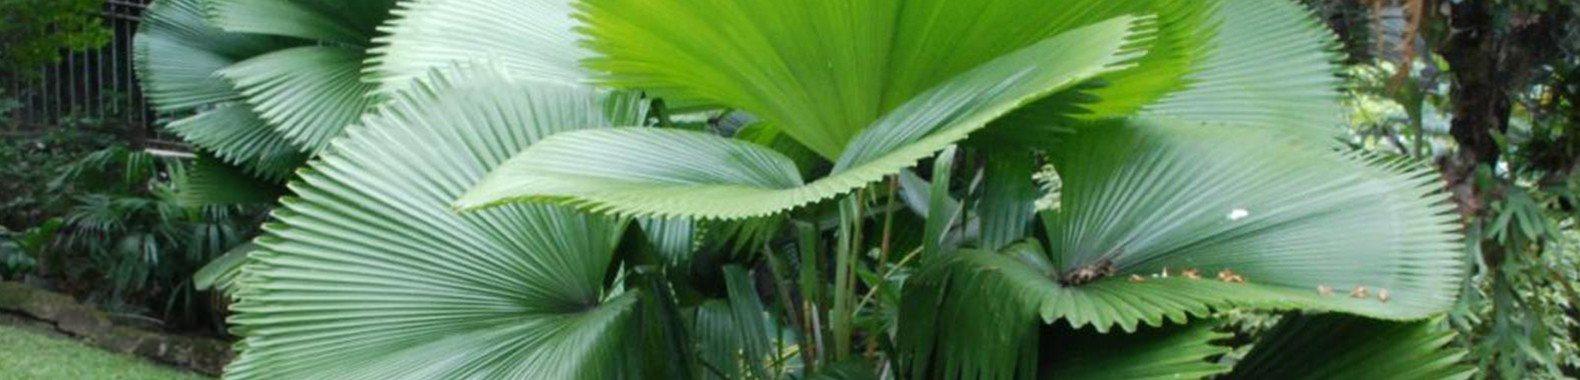 planta para ter em casa palmeira leque